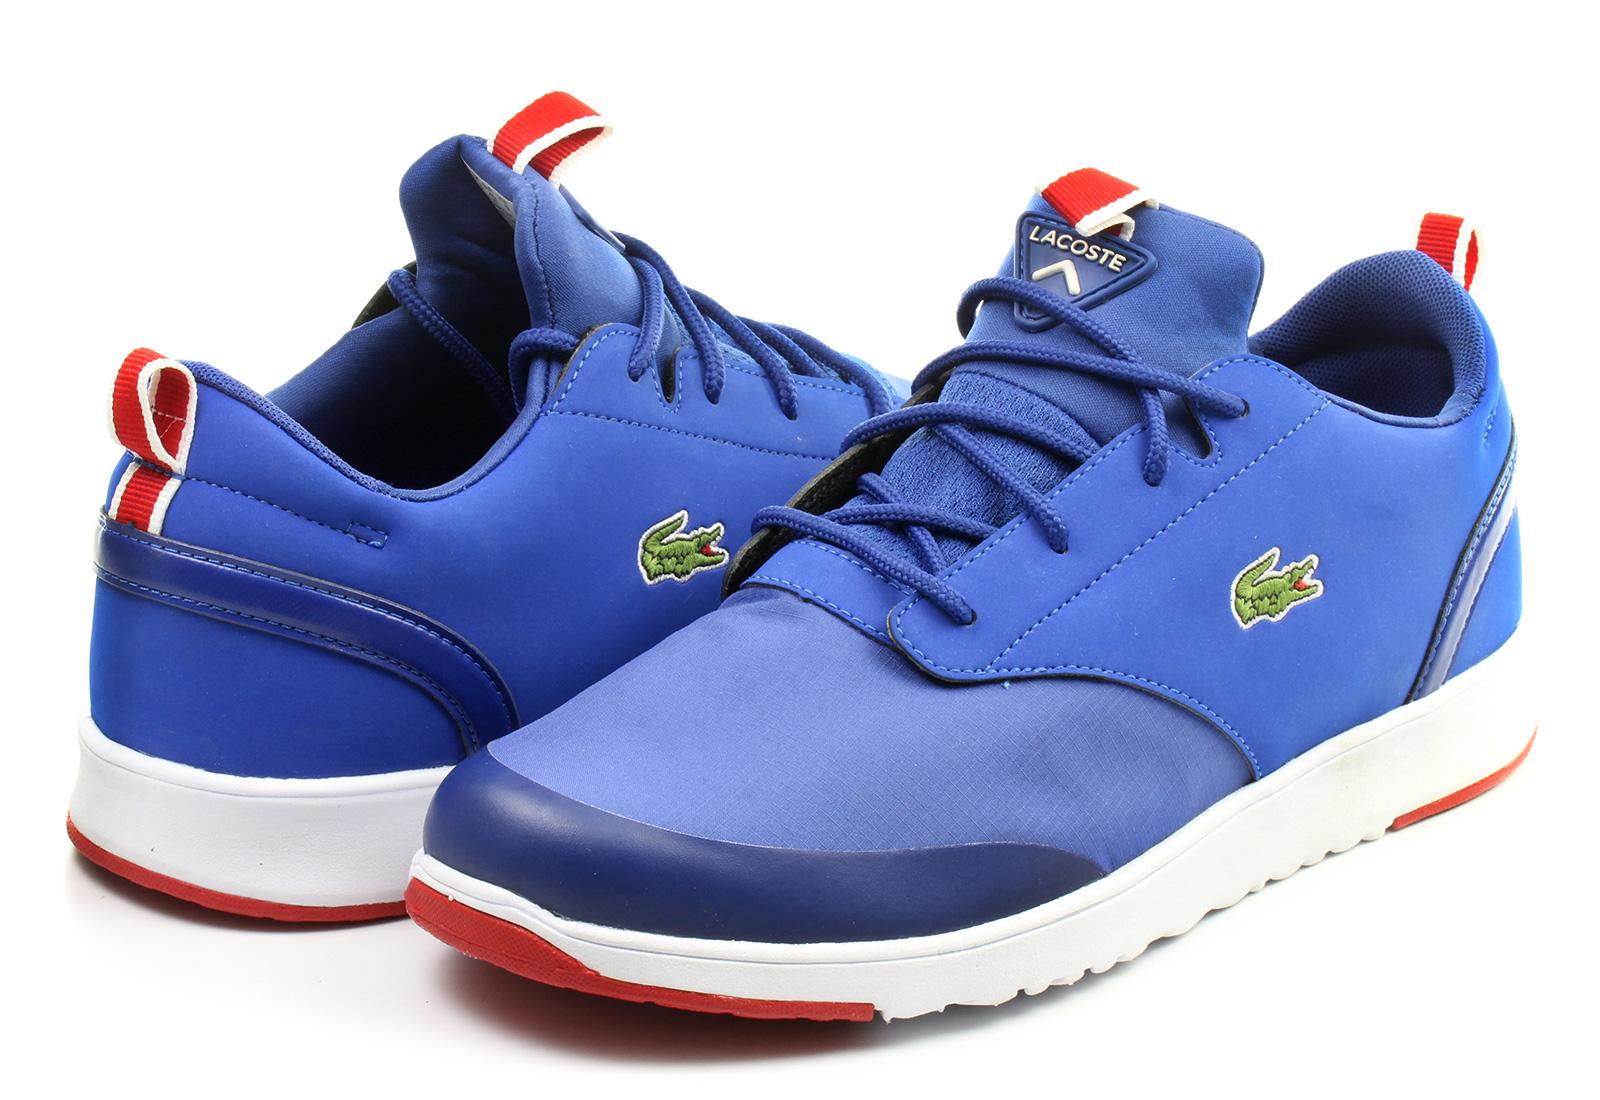 Lacoste Cipő - L.ight 2.0 - 153spm0023-11c - Office Shoes Magyarország 1360607011